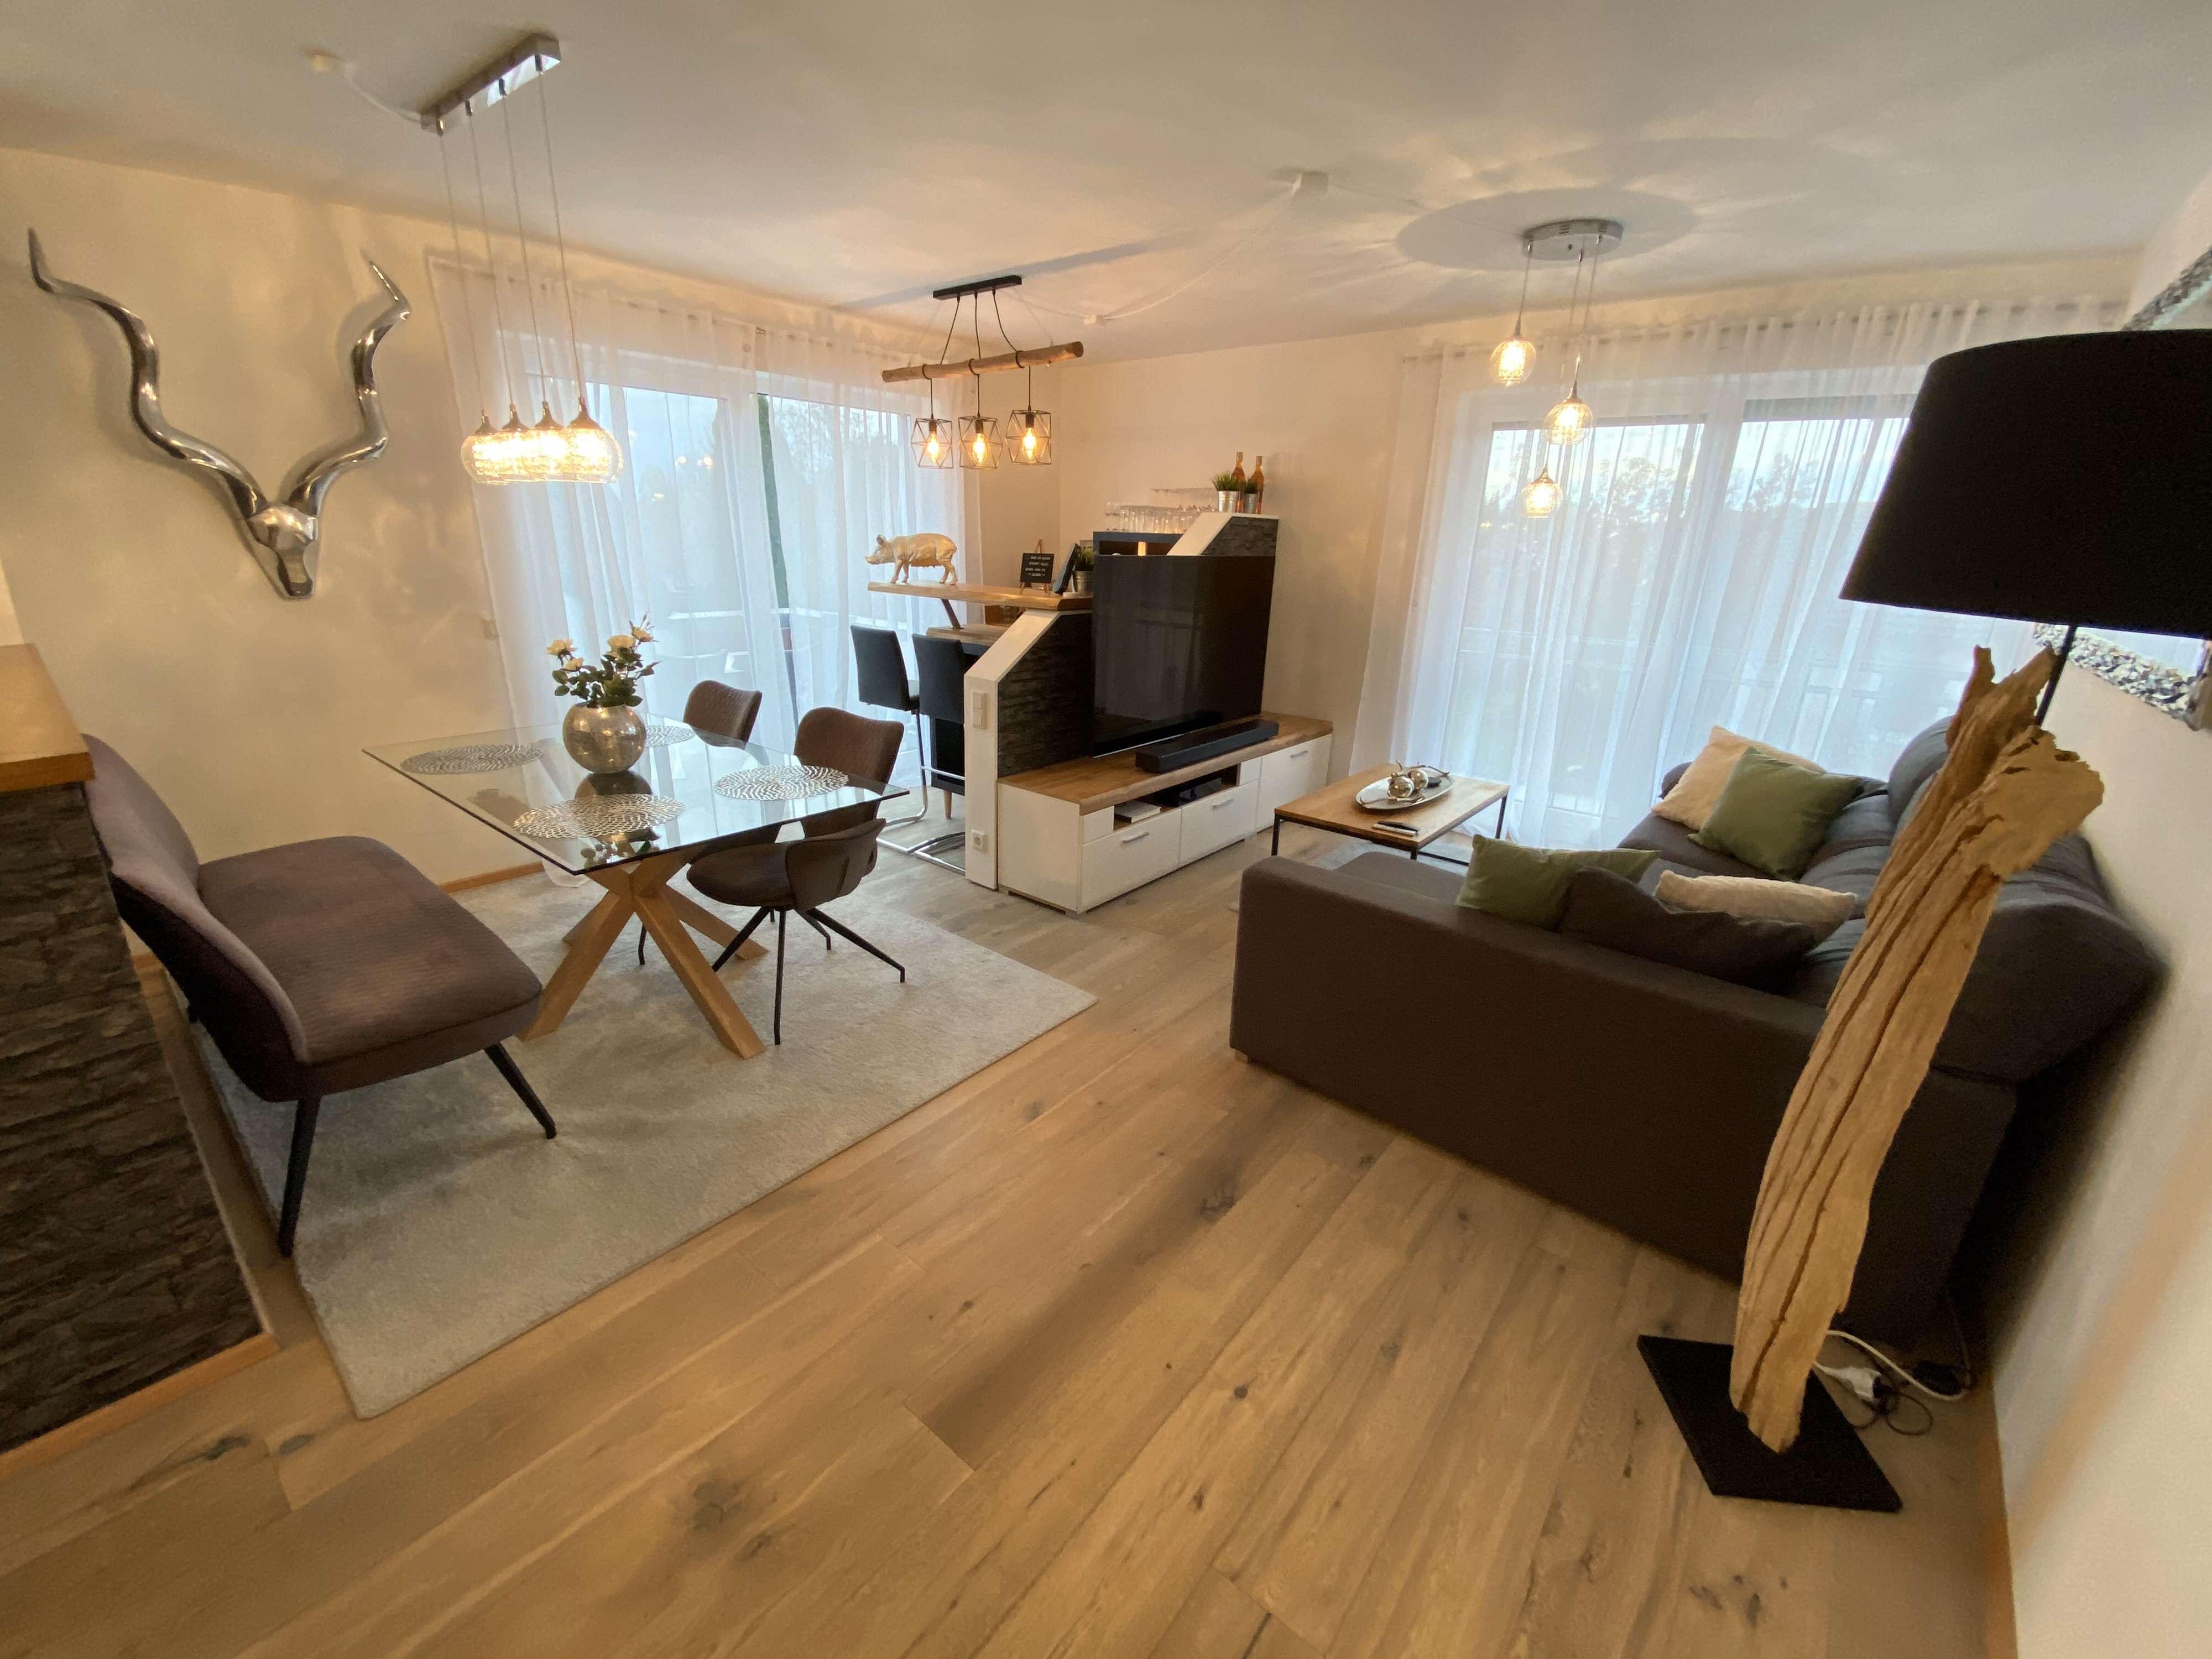 Helle & freundliche 4-Zimmer Wohnung  Nähe Audi, GVZ (verkehrsberuhigt) in Gaimersheim